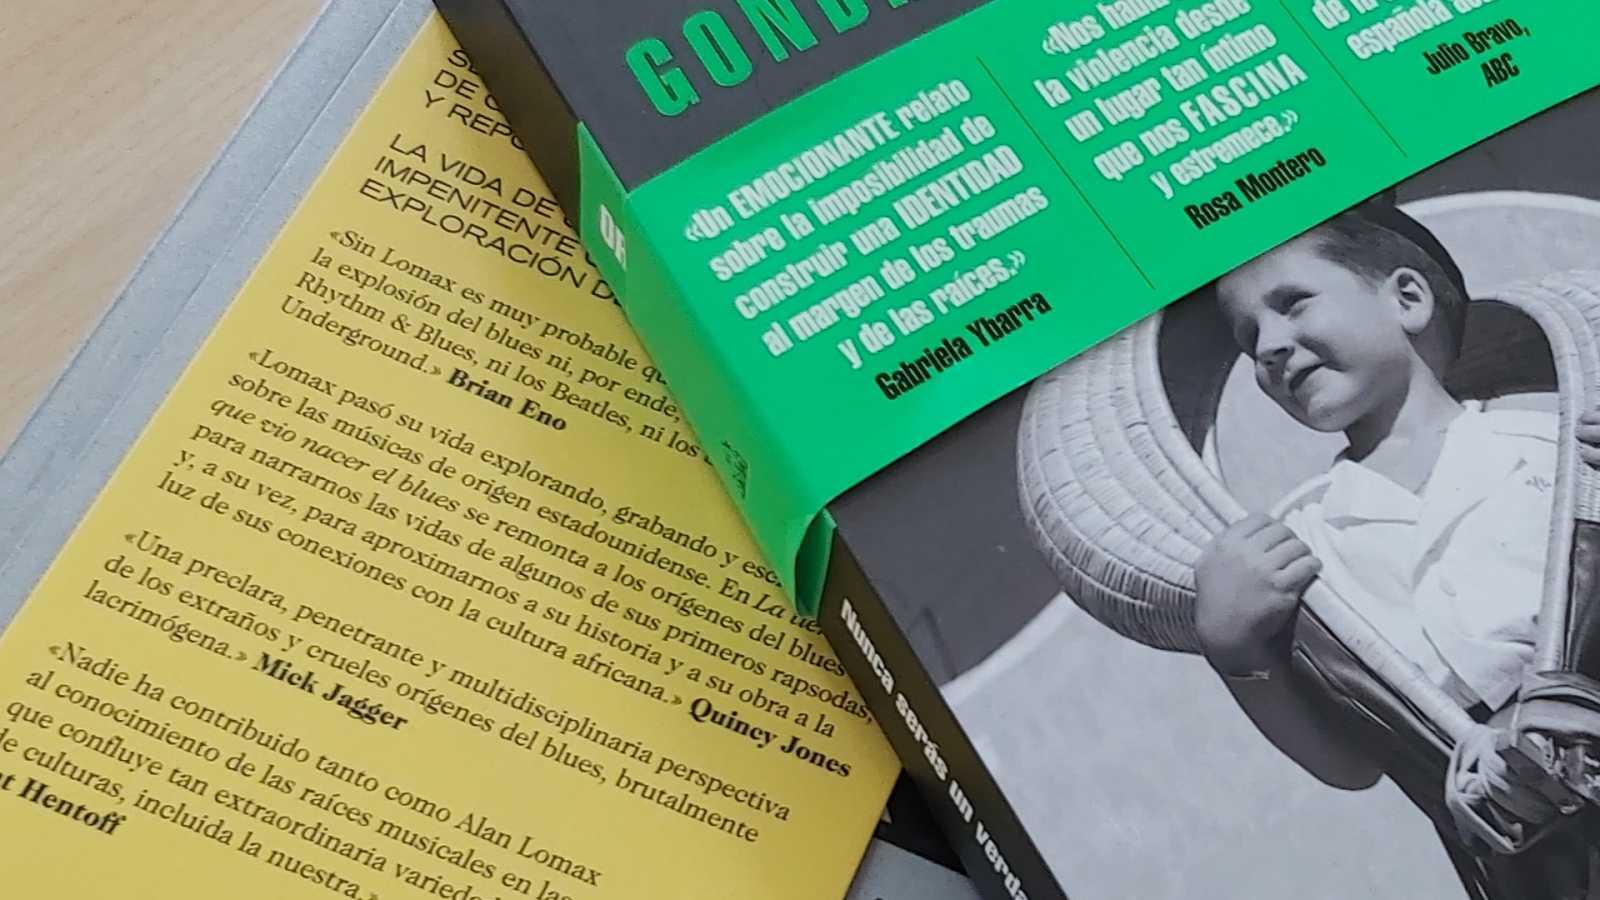 Hoy empieza todo con Marta Echeverría - Comedia, fajas de libros, ideologías y más - 19/04/21 - escuchar ahora